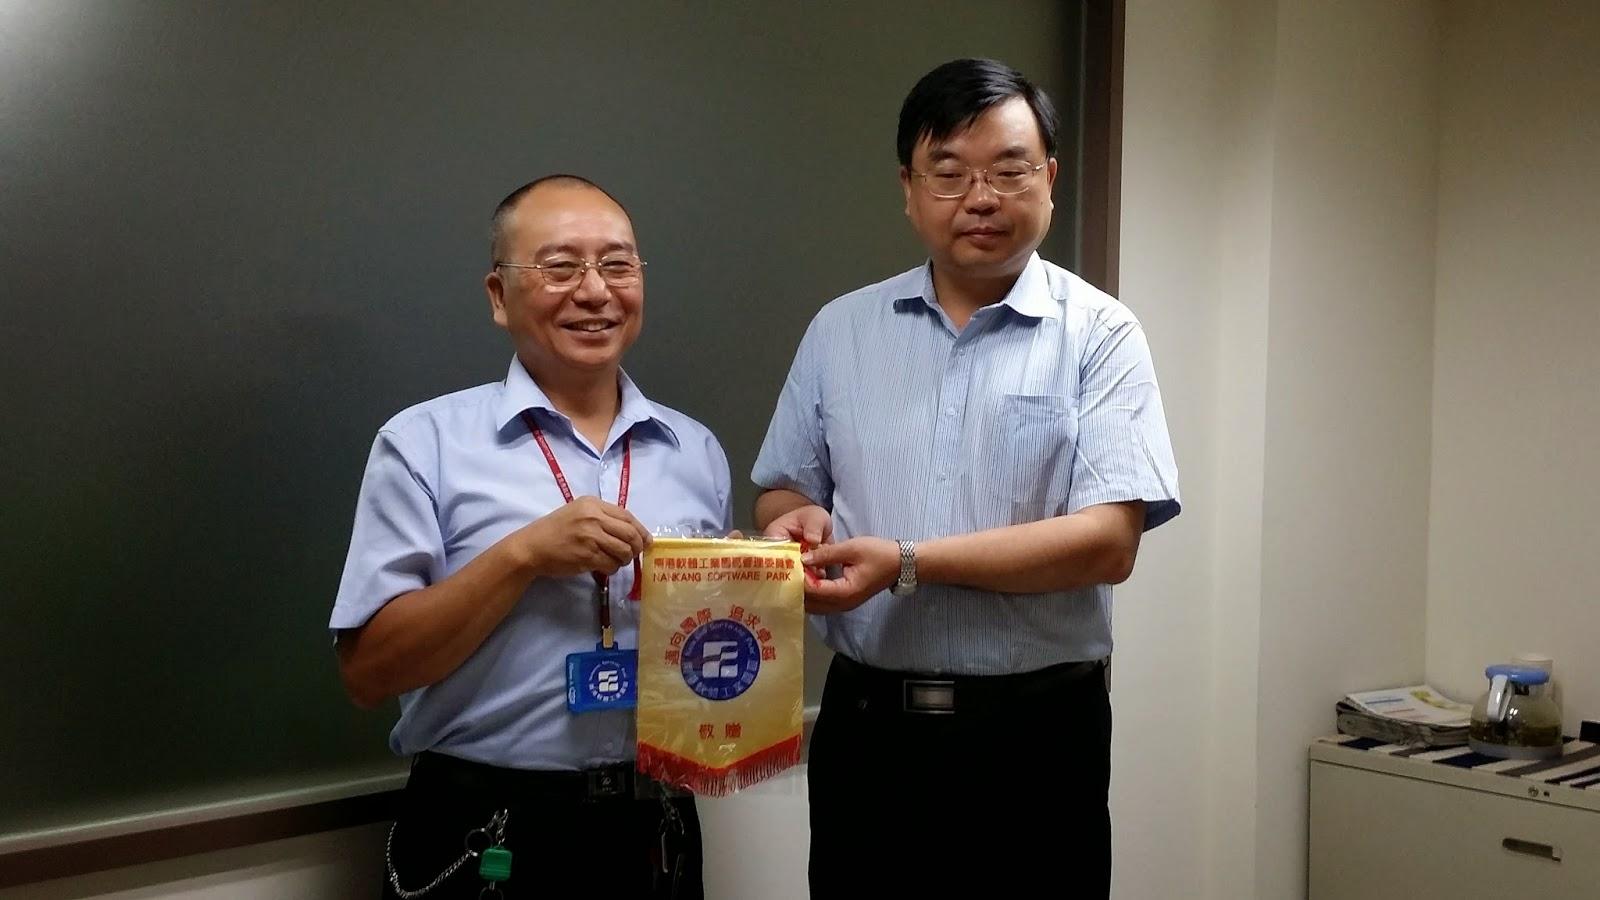 安徽省科學技術協會